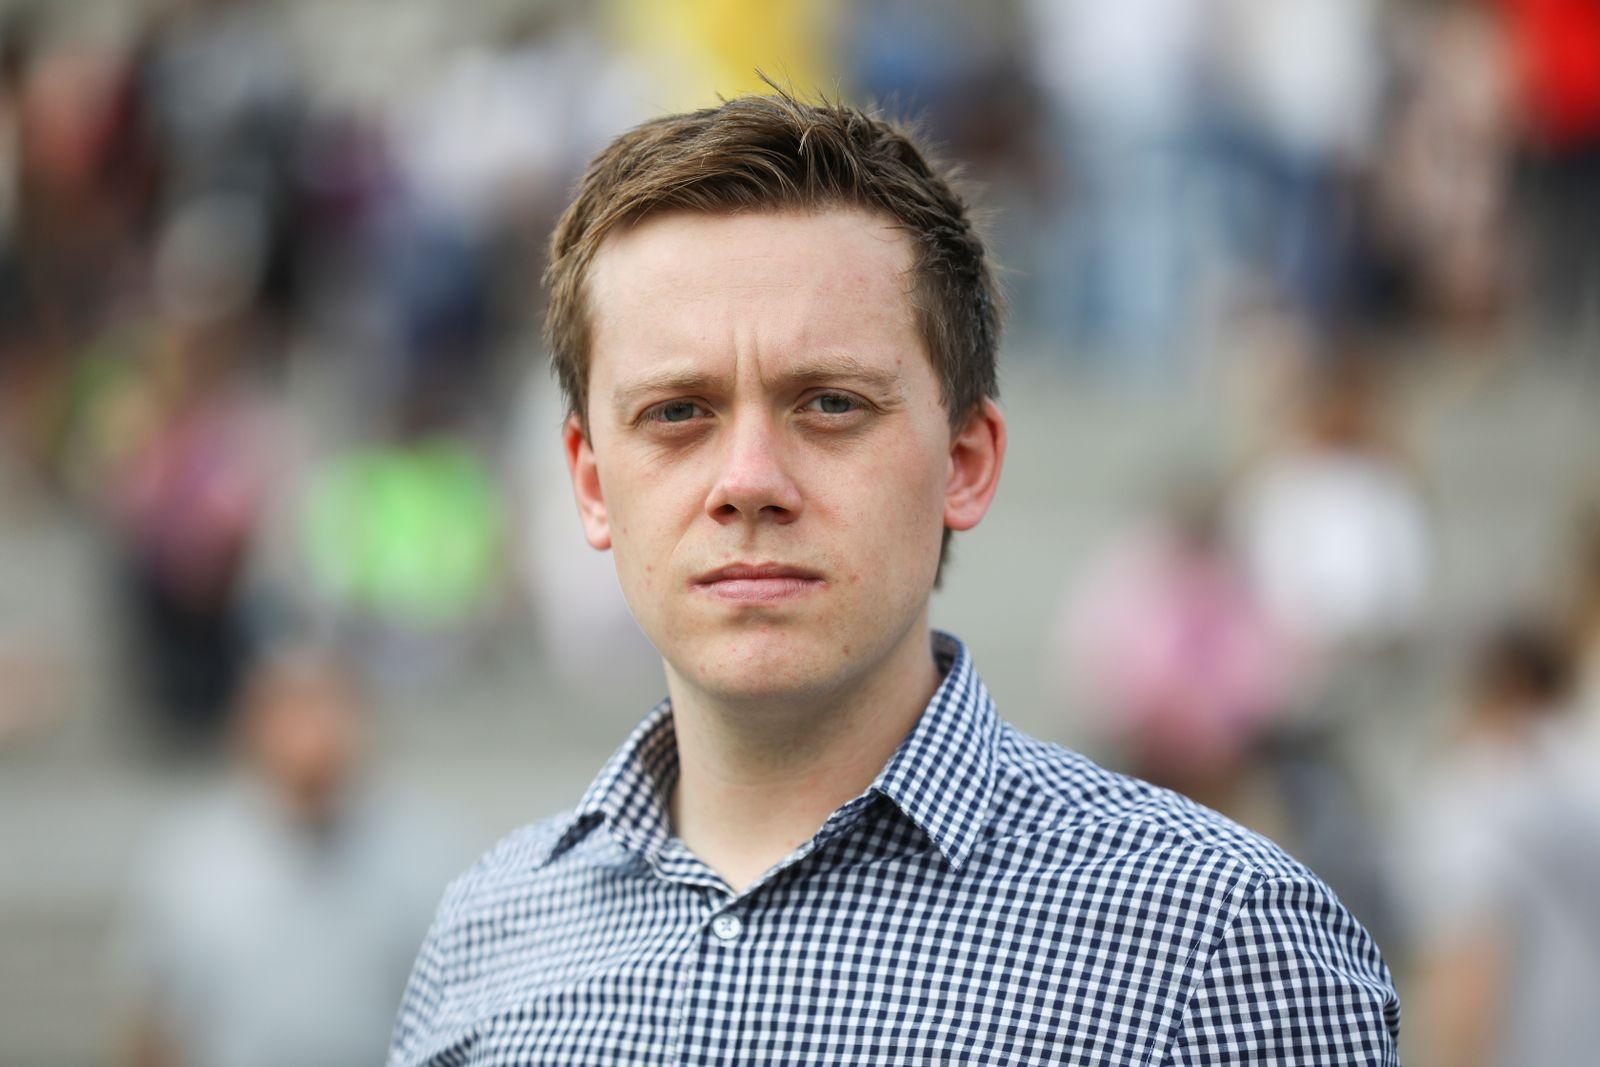 Owen Jones/ Journalist